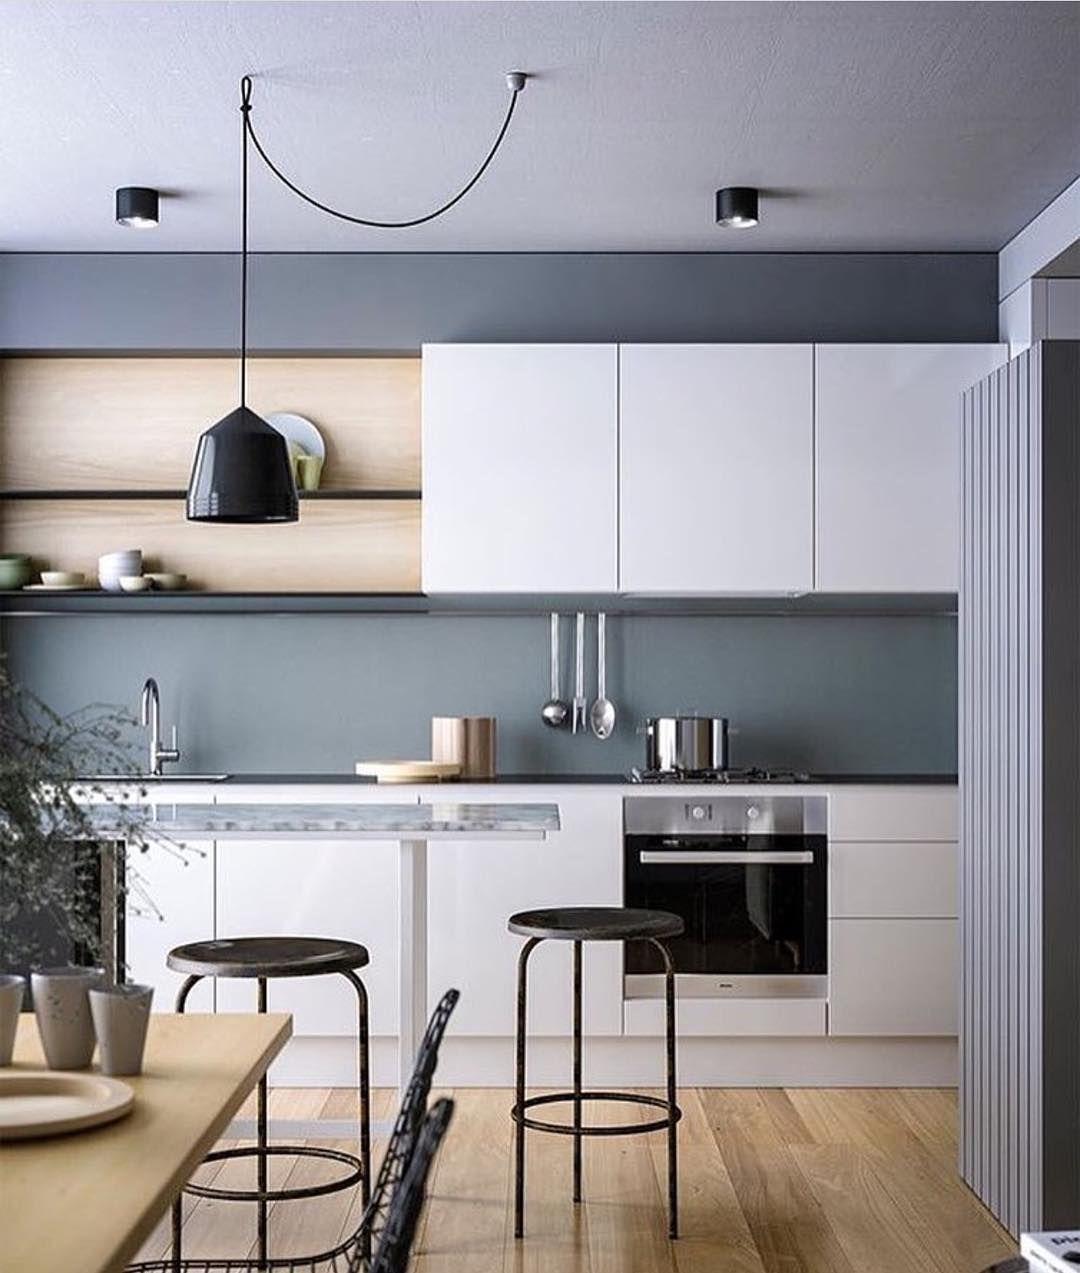 Beautiful modern kitchen designed by Neometro via